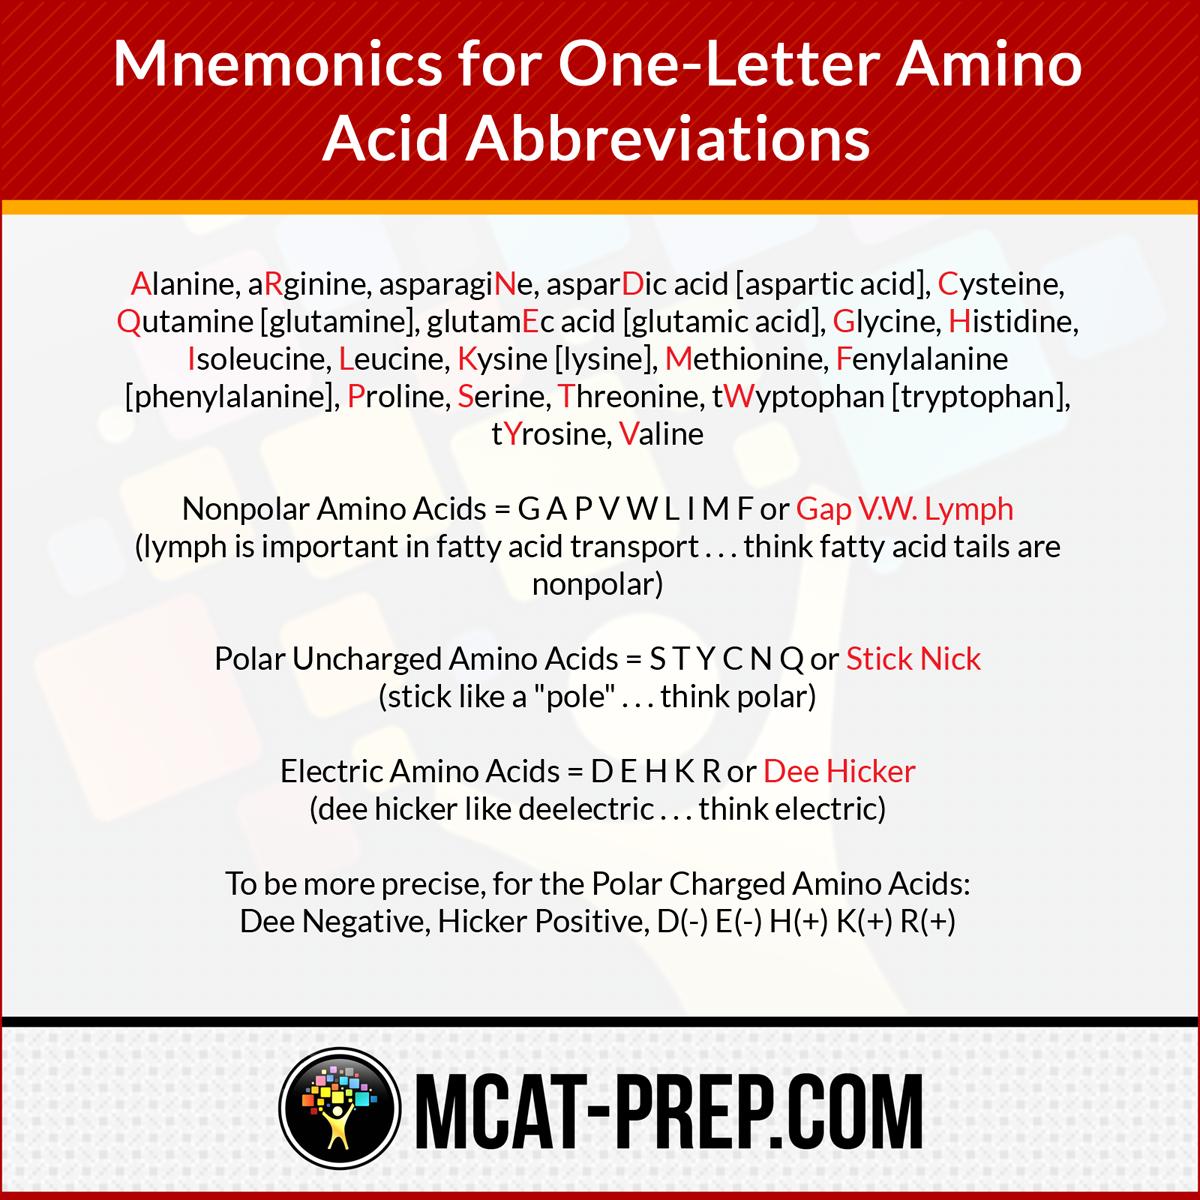 Mnemonics biochemistry vitamins